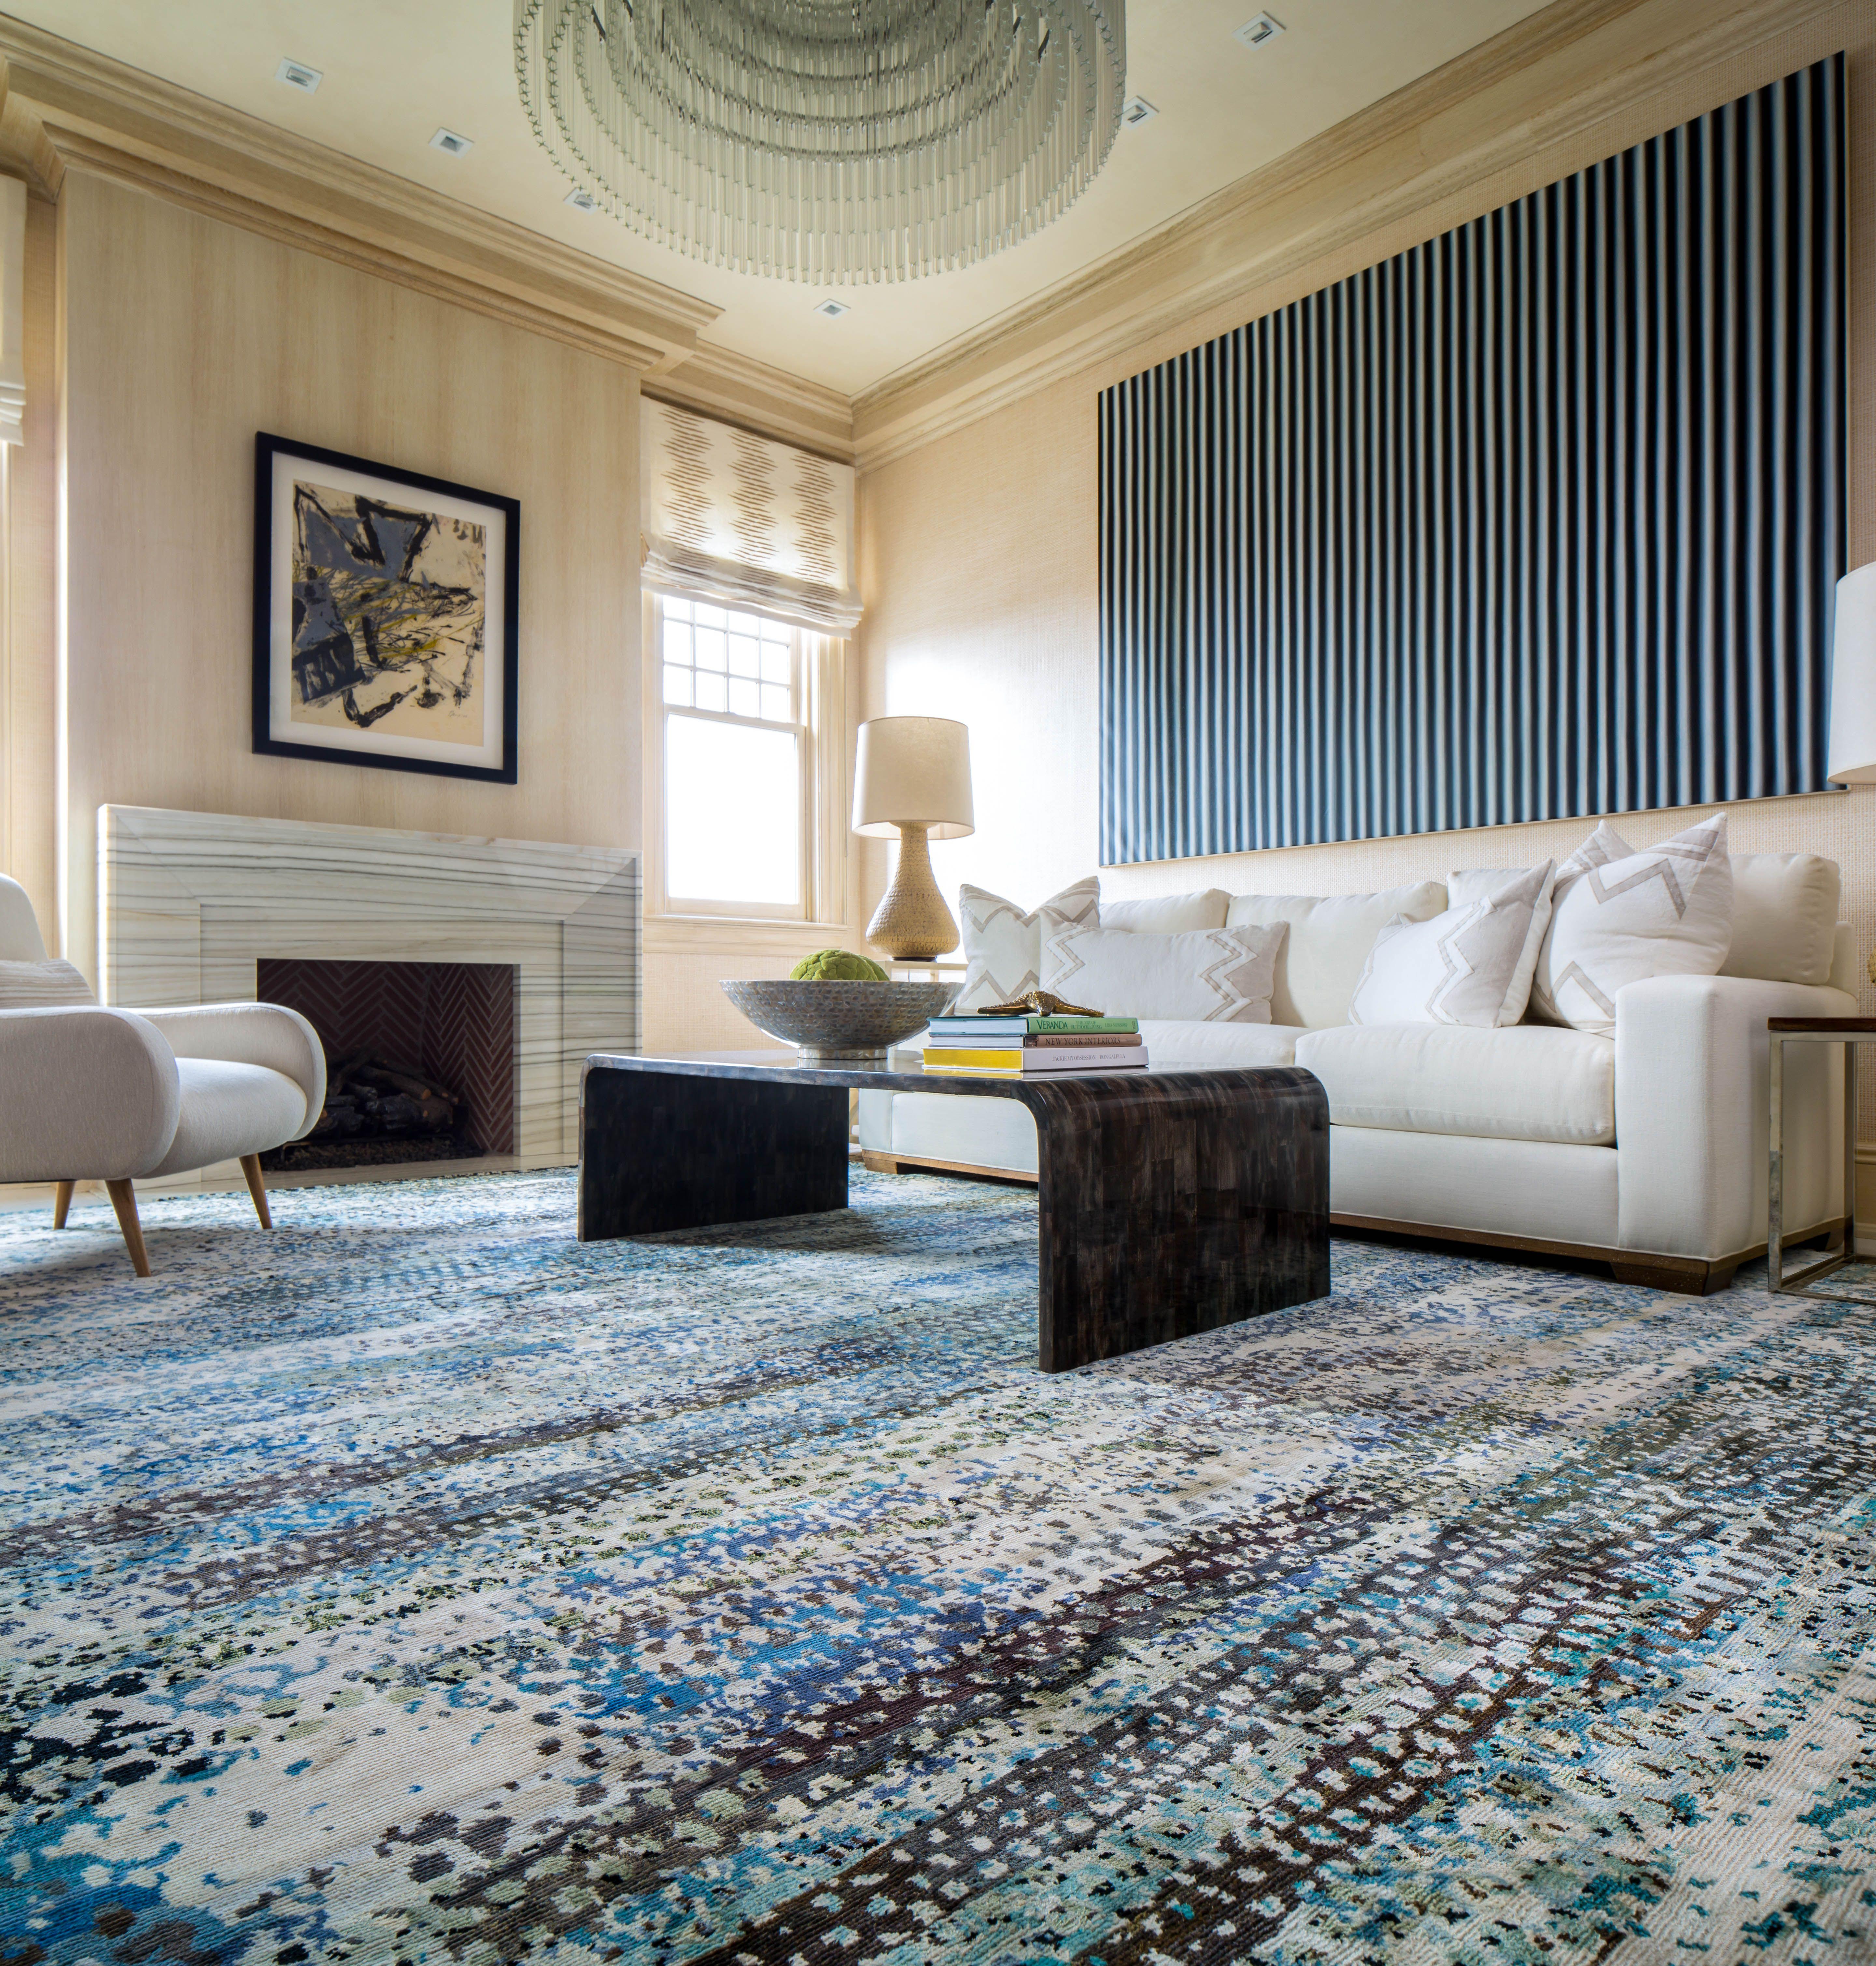 Carpet 2 Rooms